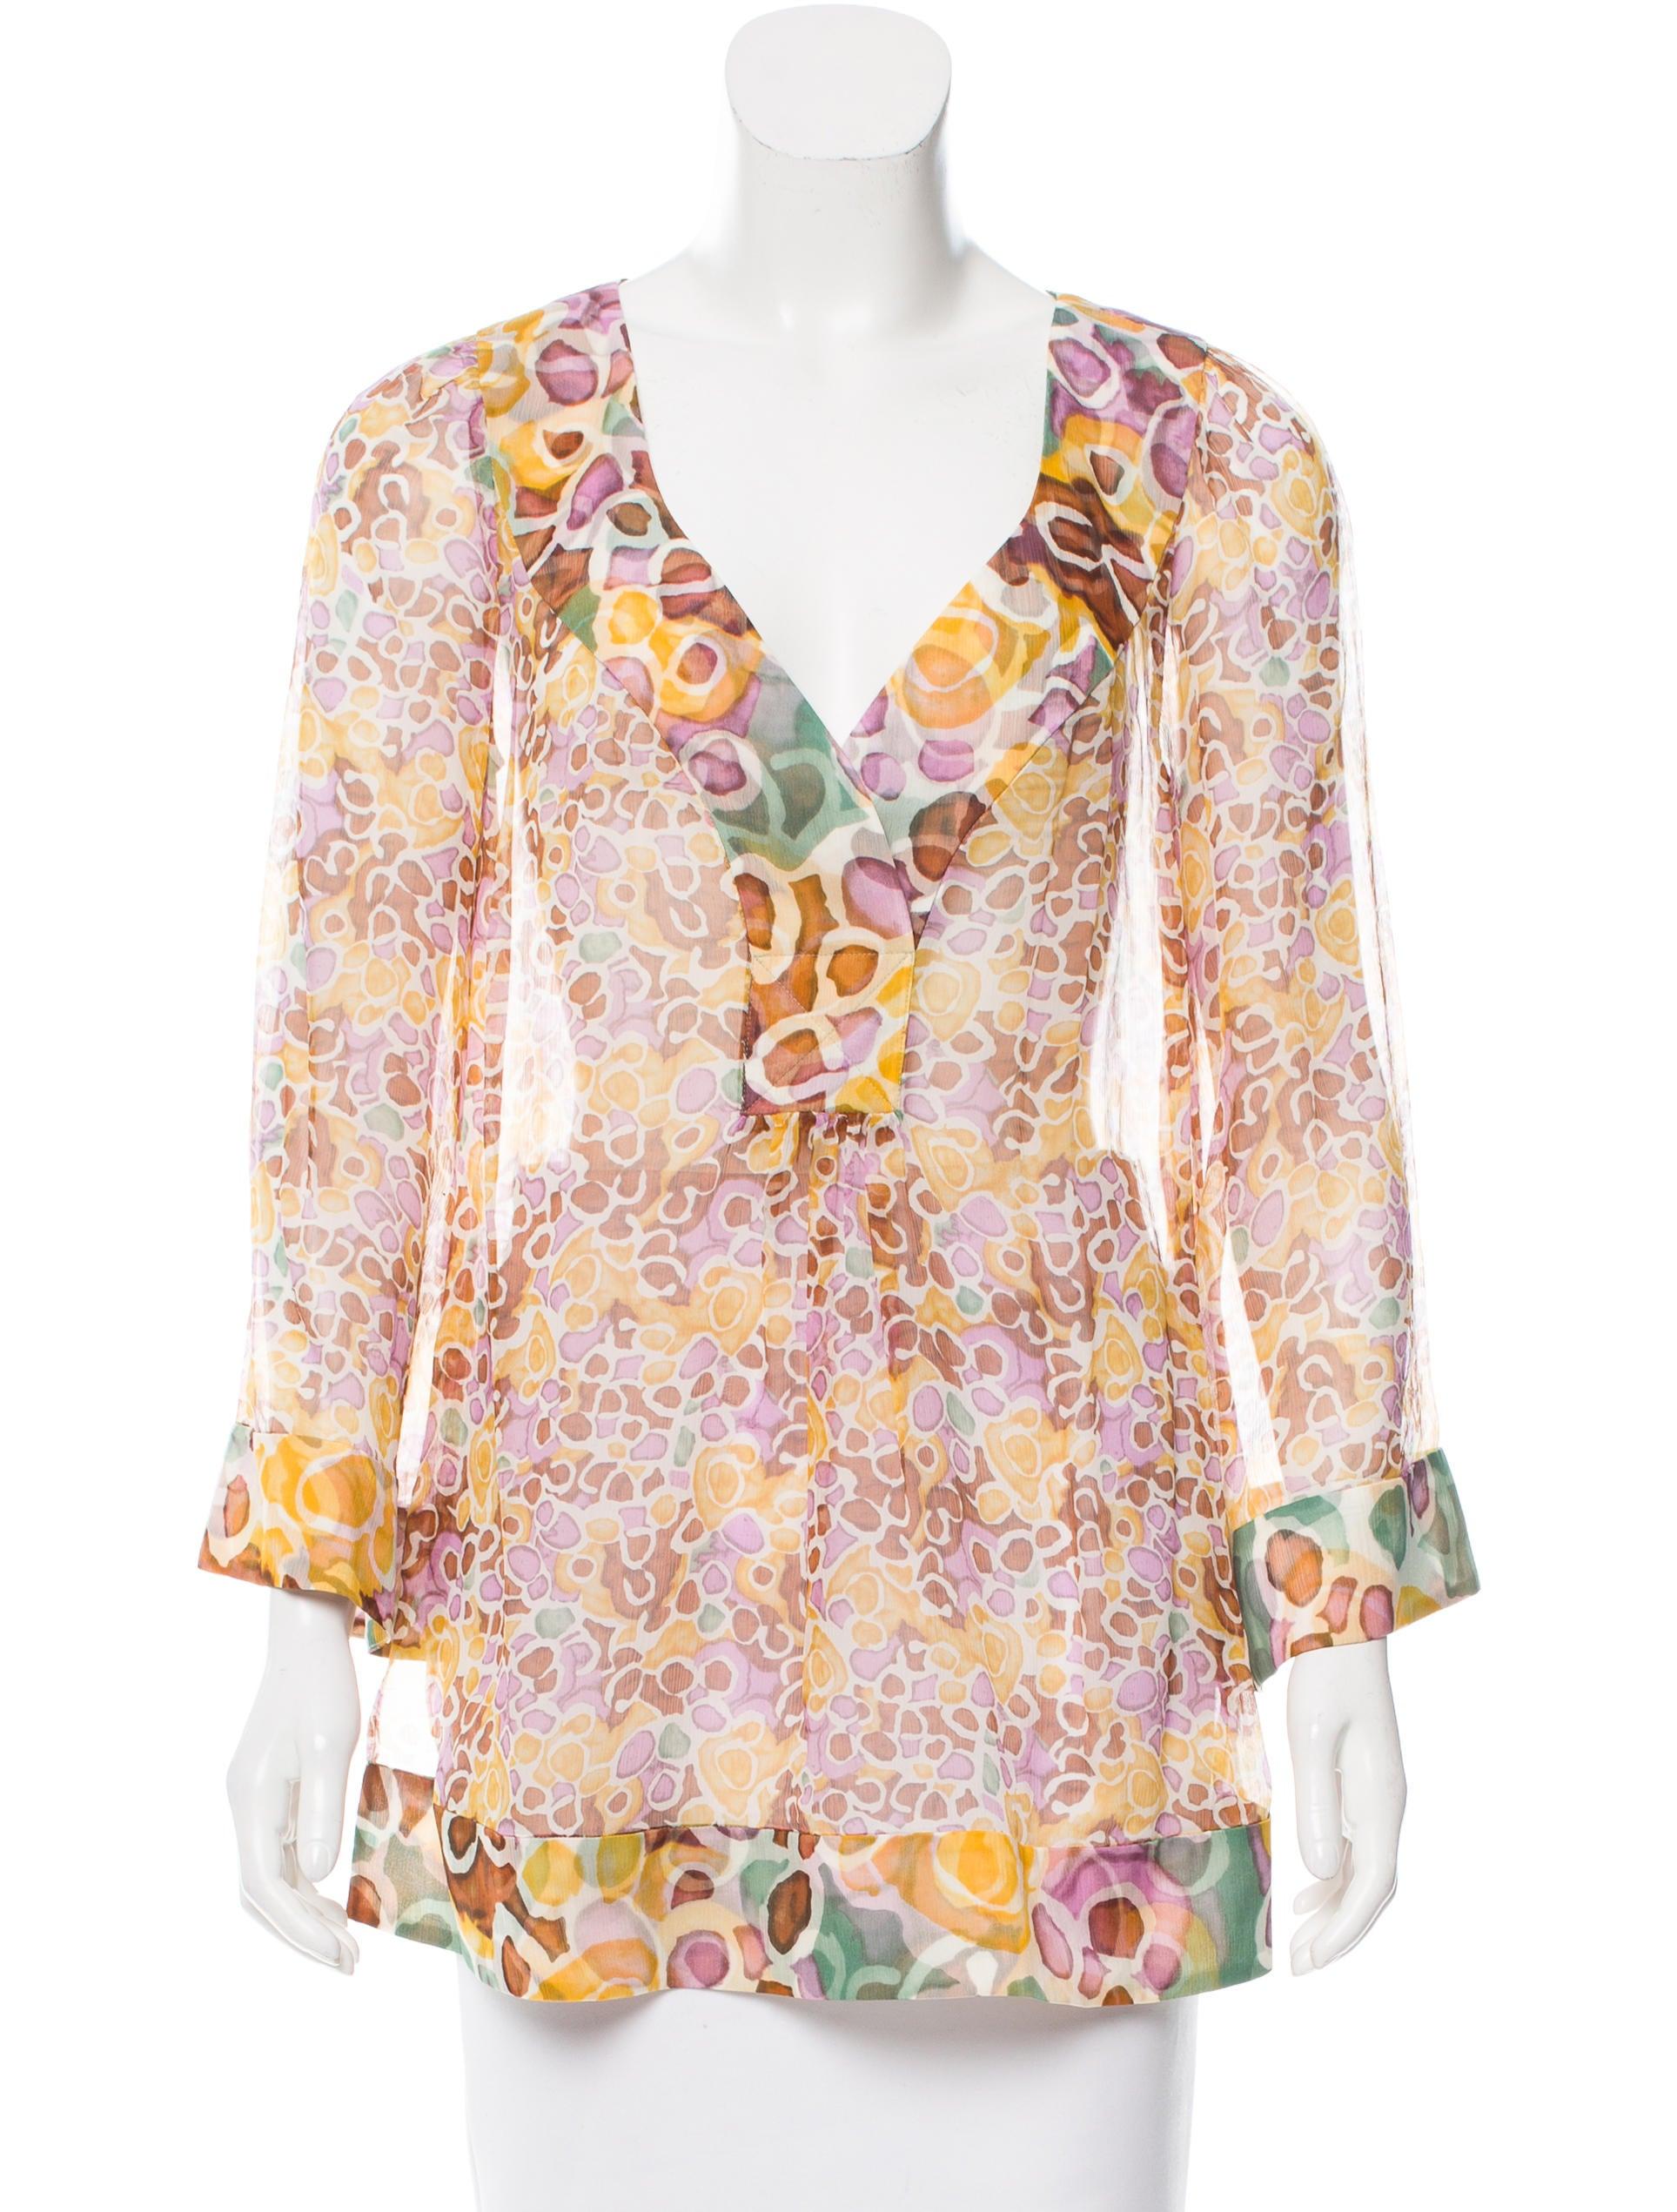 Diane von furstenberg silk printed blouse clothing for Diane von furstenberg shirt